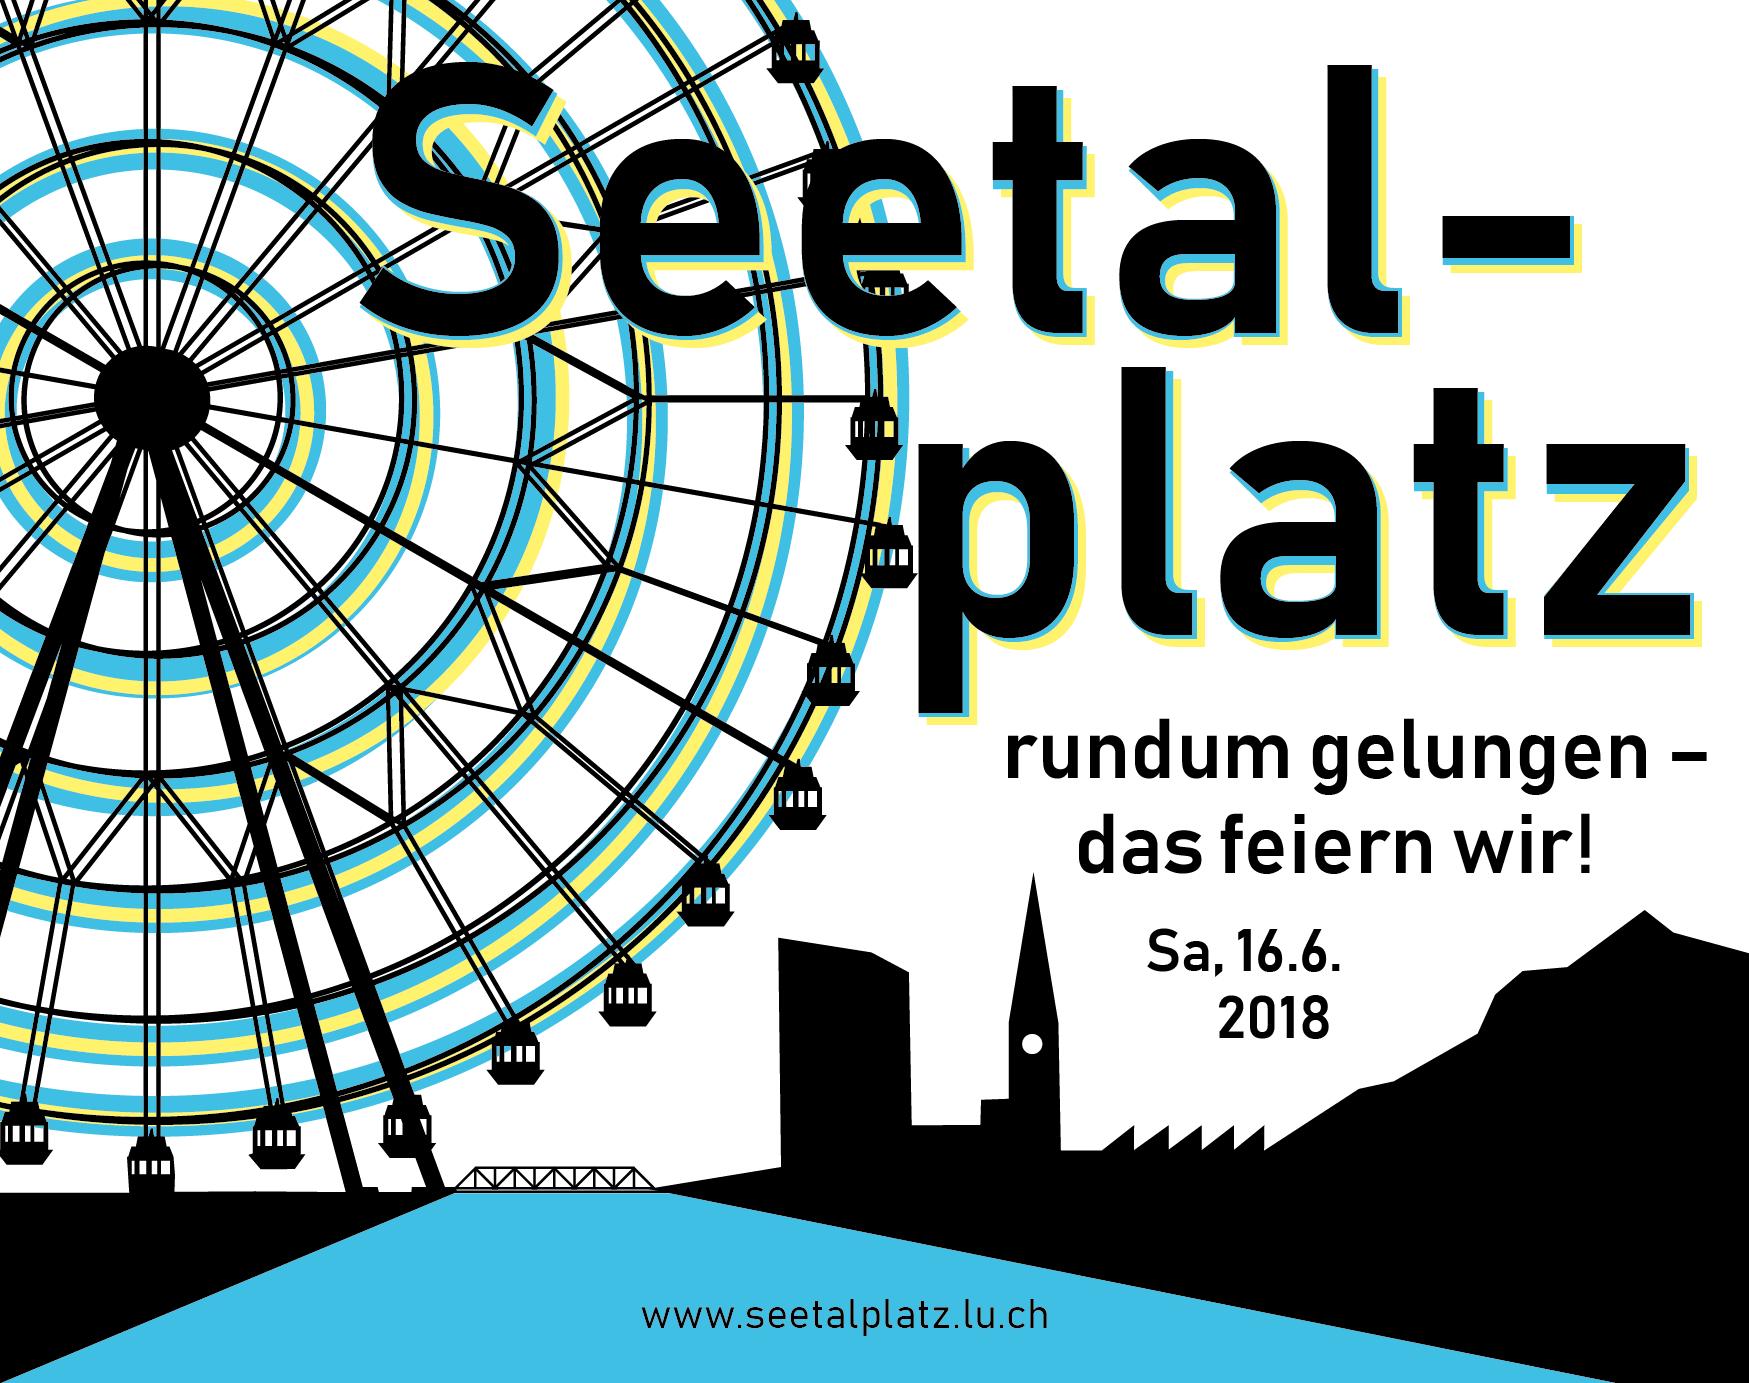 20180603_seetalplatz_oText_quer_Zeichenfläche-1